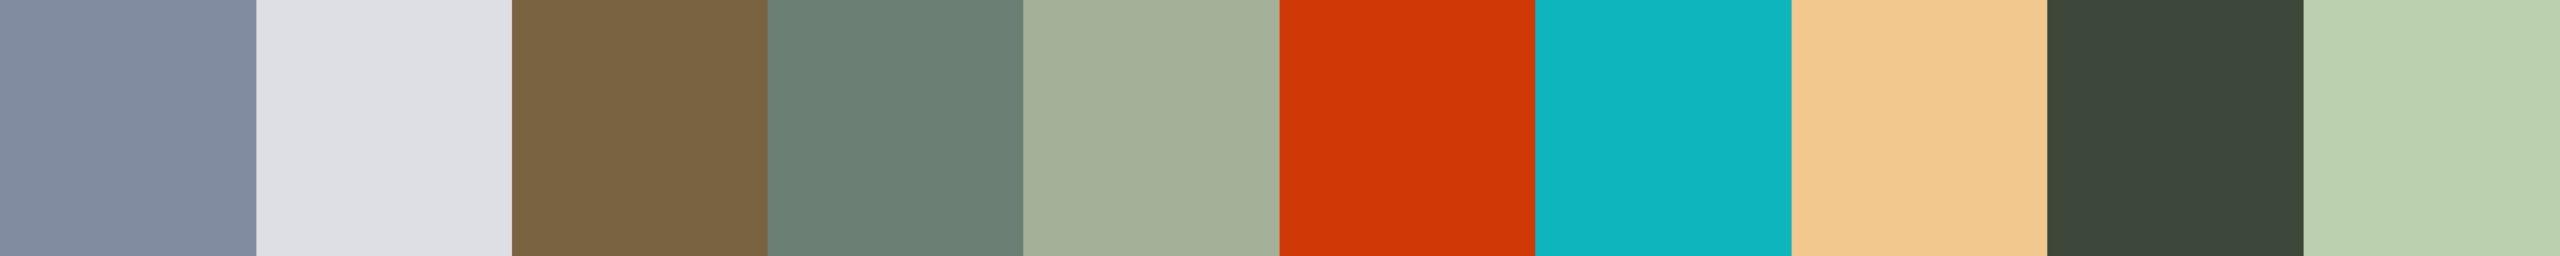 210 Ciadenta Color Palette